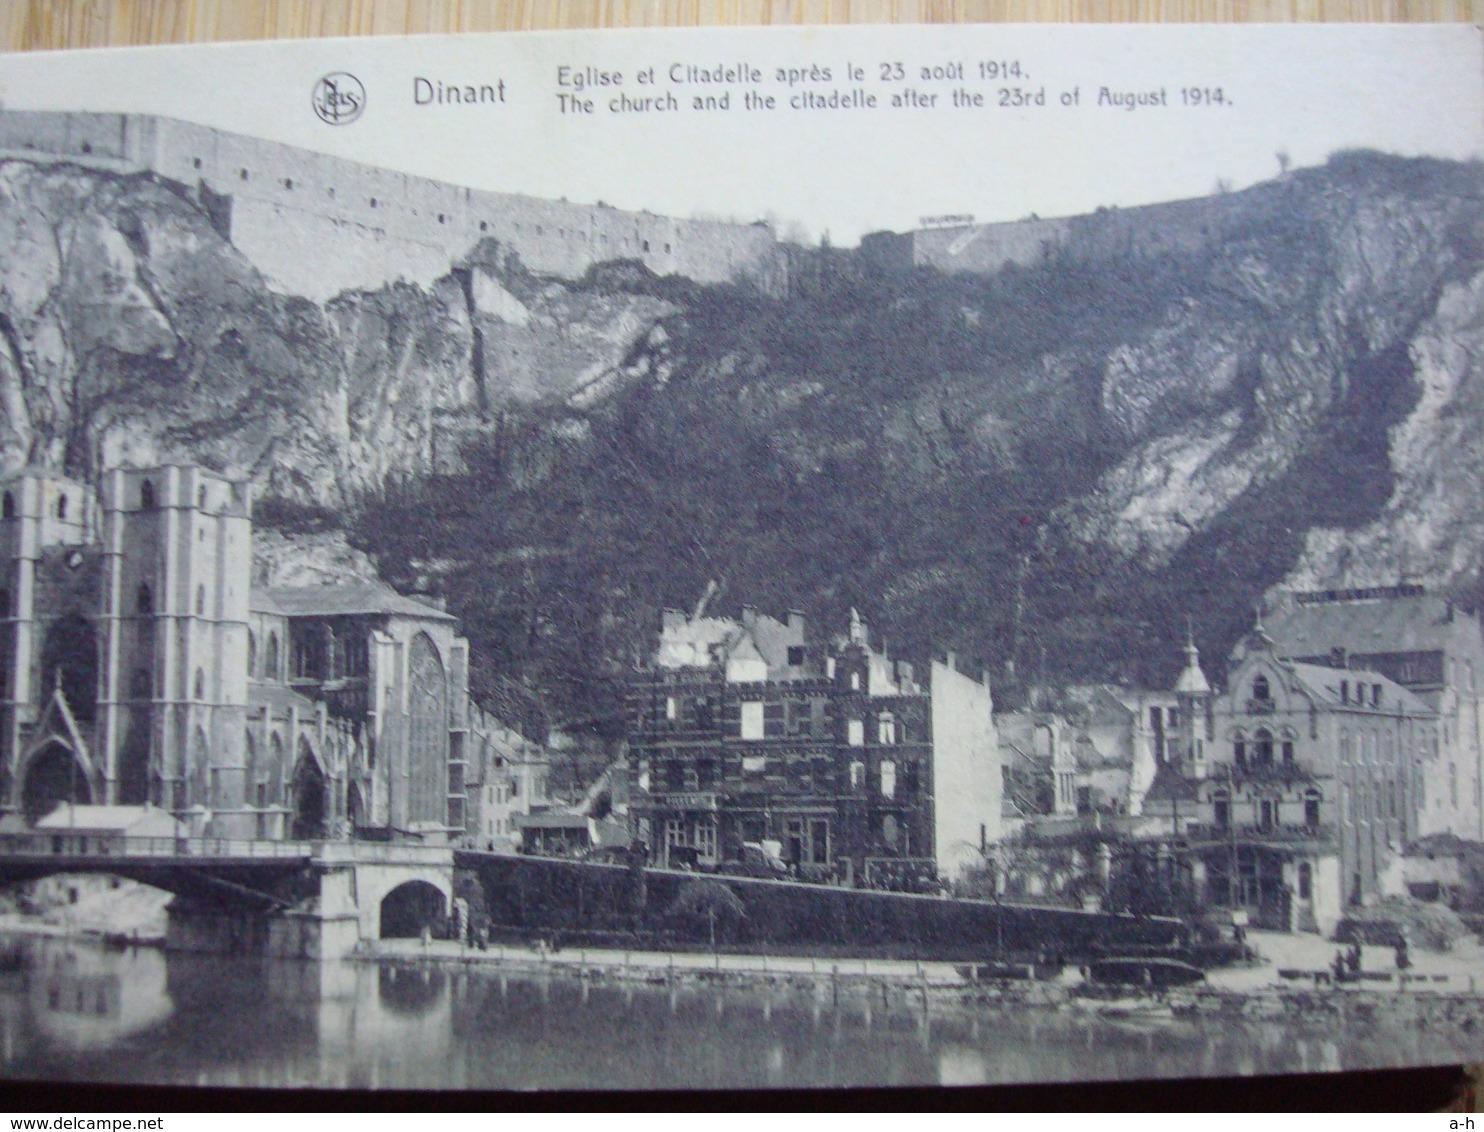 3 Carnets Cartes Postales Historique . 2 Carnets Photos Guerre 14 - 18 + Verdun Ville - Belgique